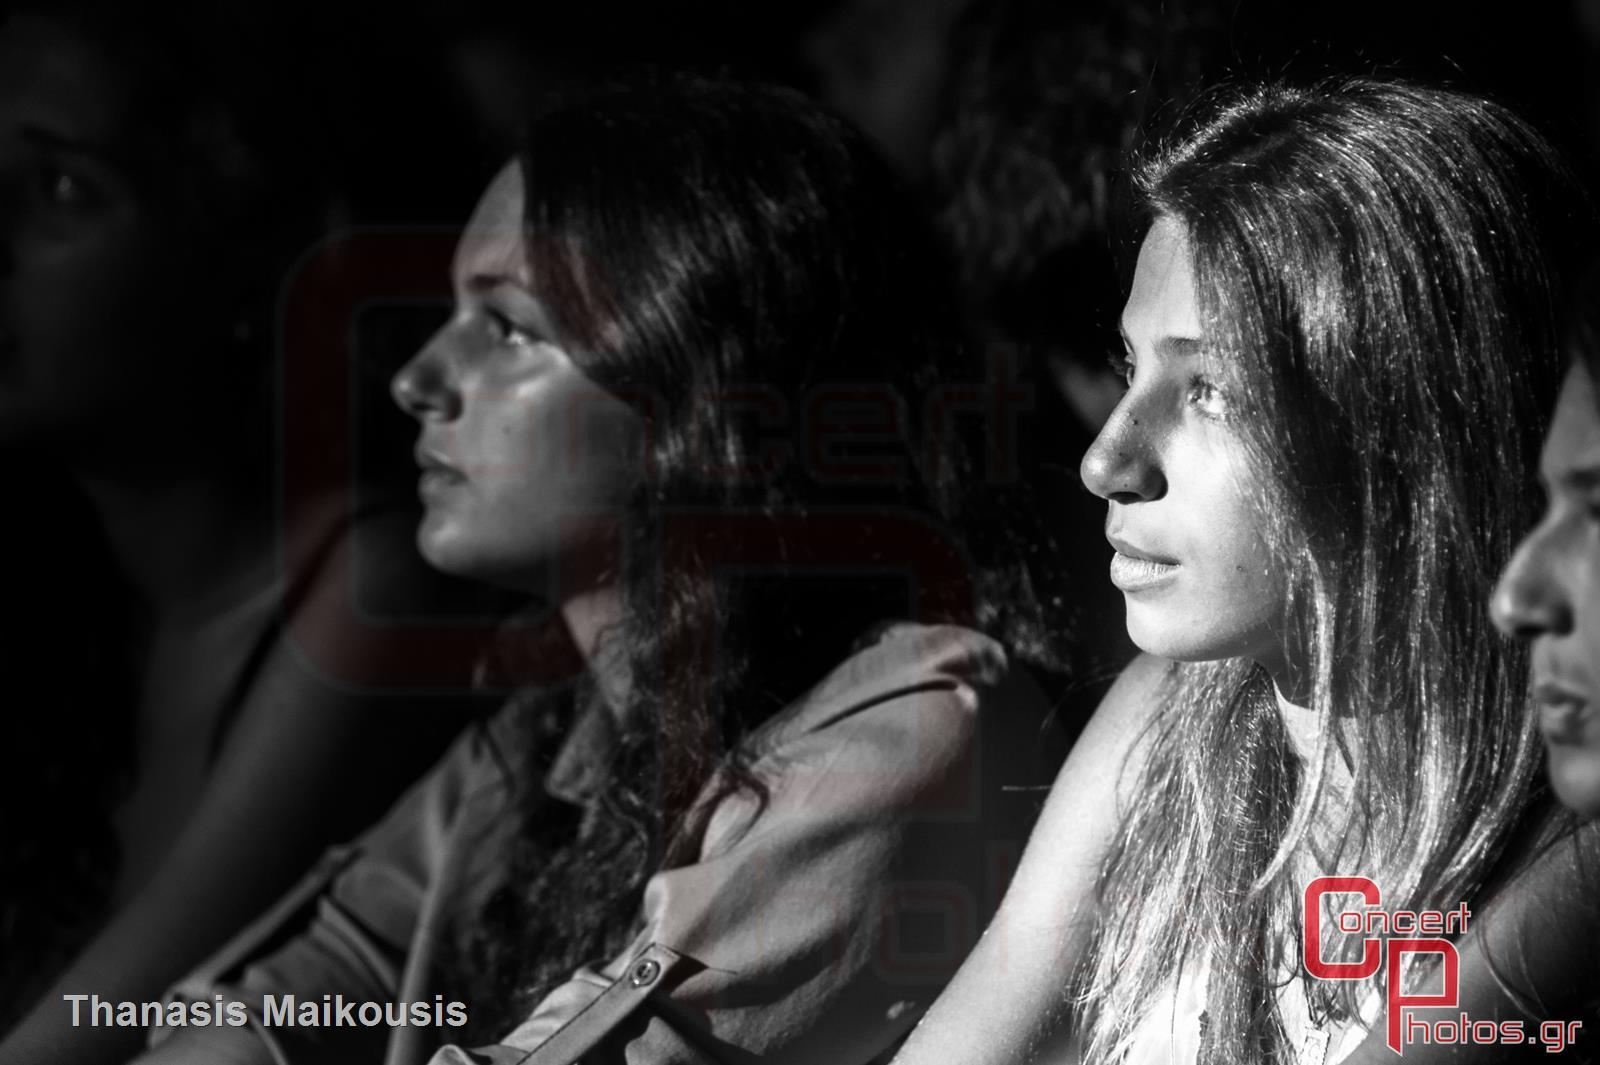 Locomondo-Locomondo 2013 Bolivar photographer: Thanasis Maikousis - concertphotos_-6119